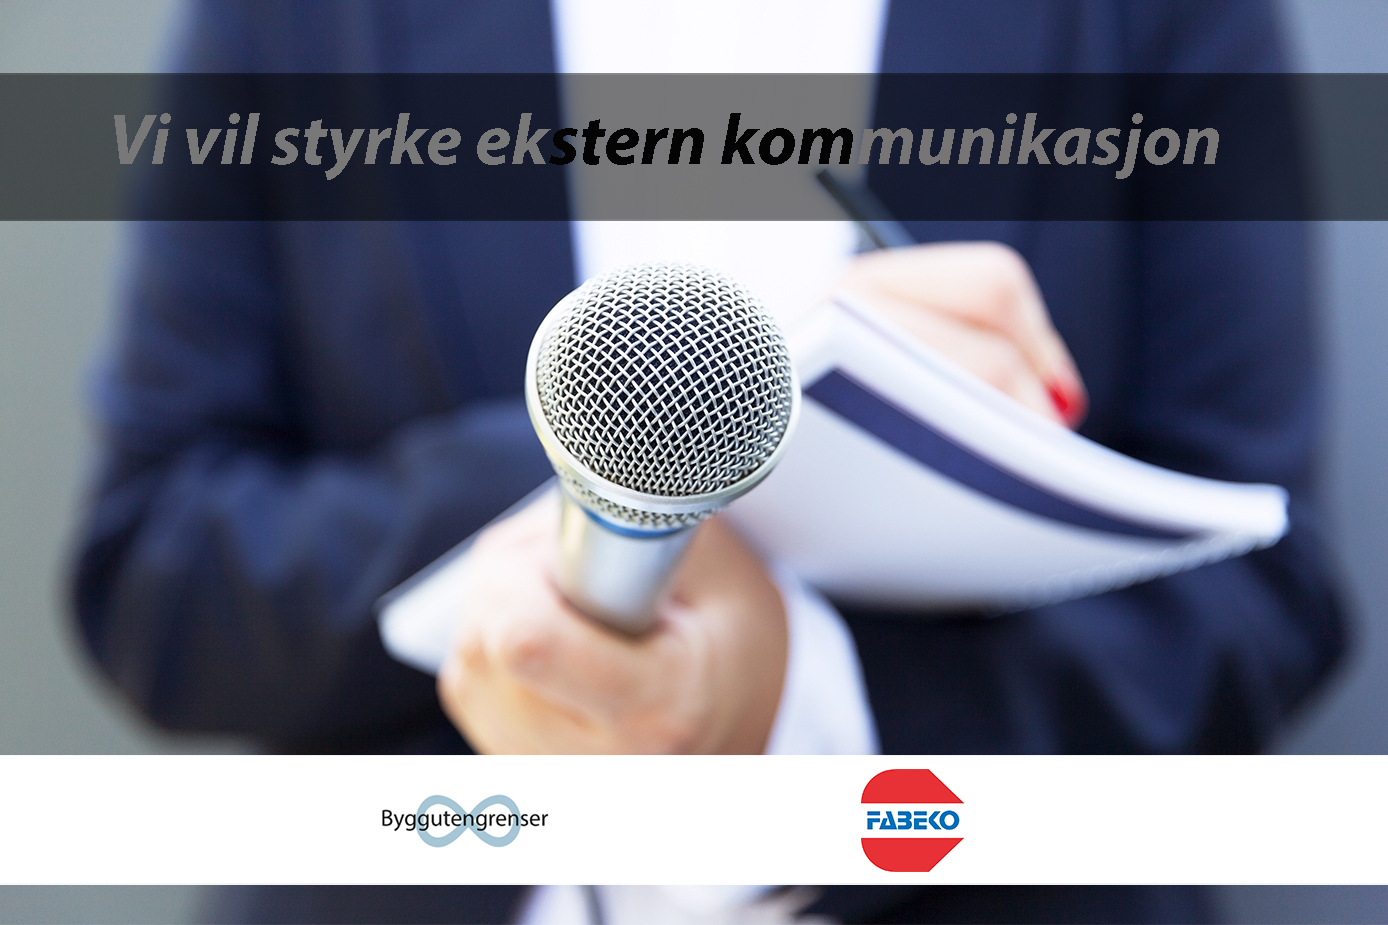 Vi vil styrke ekstern kommunikasjon